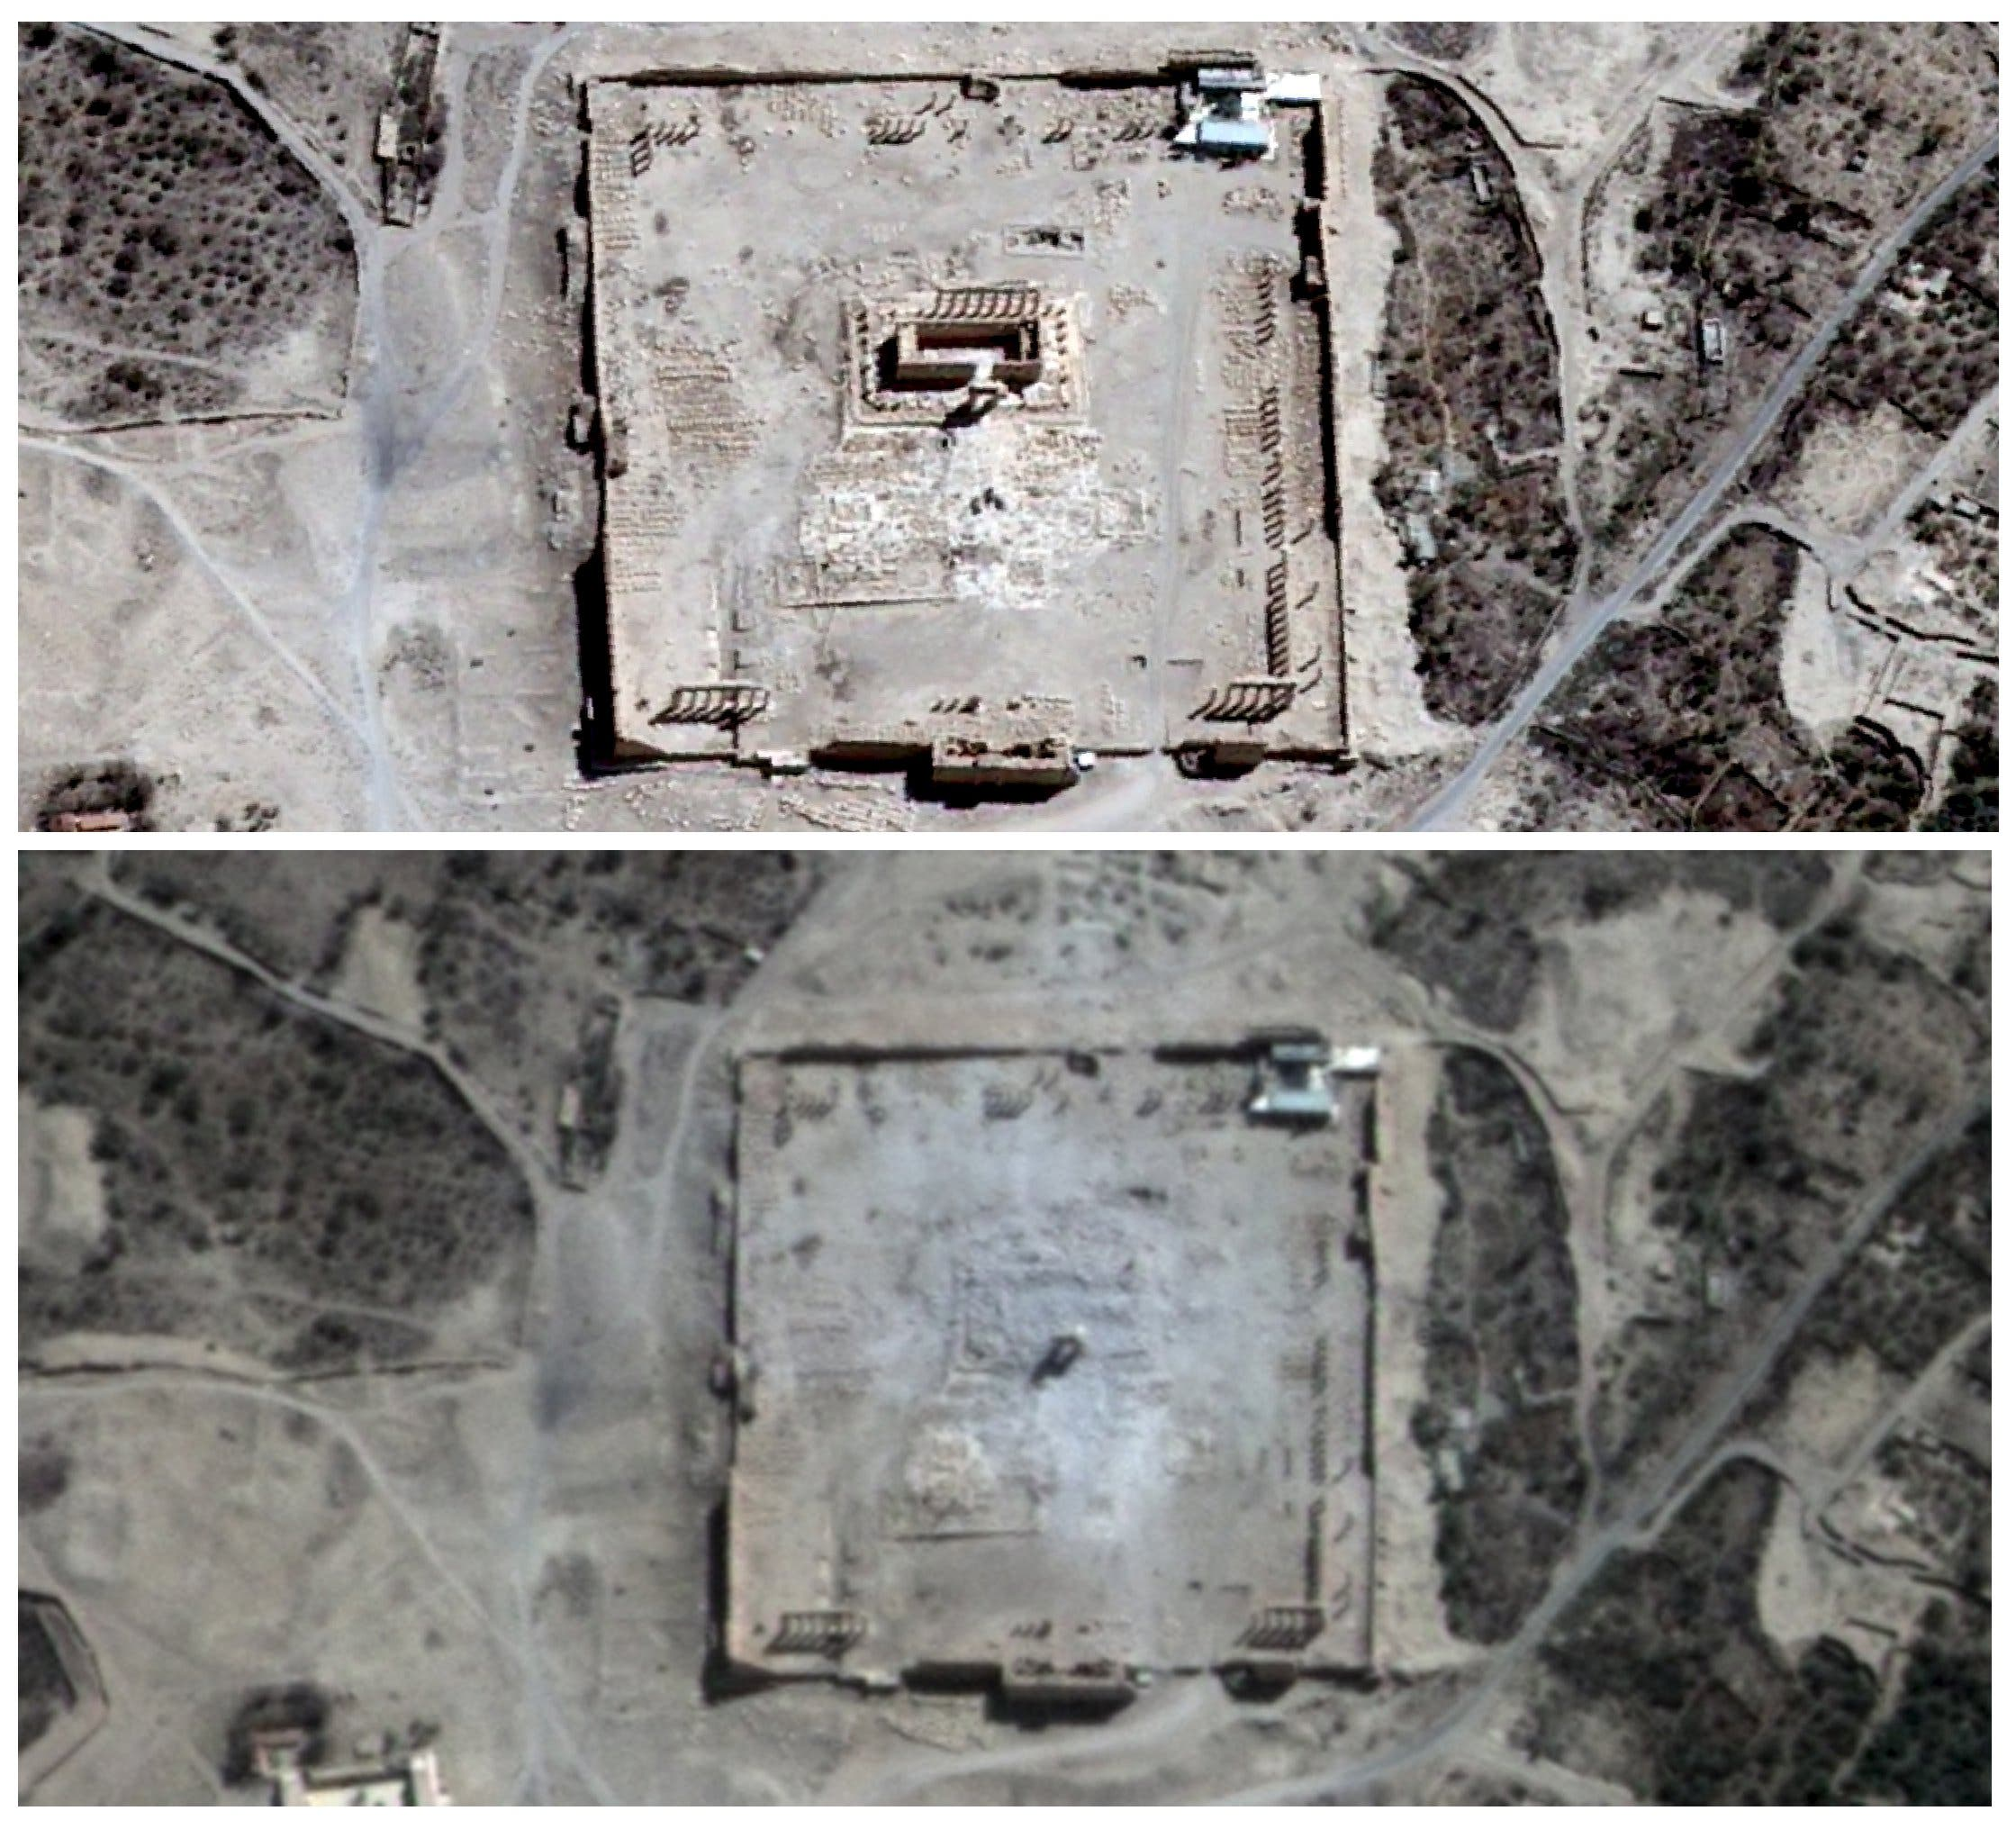 صور القمر الصناعي تظهر معبد بل قبل وبعد التدمير